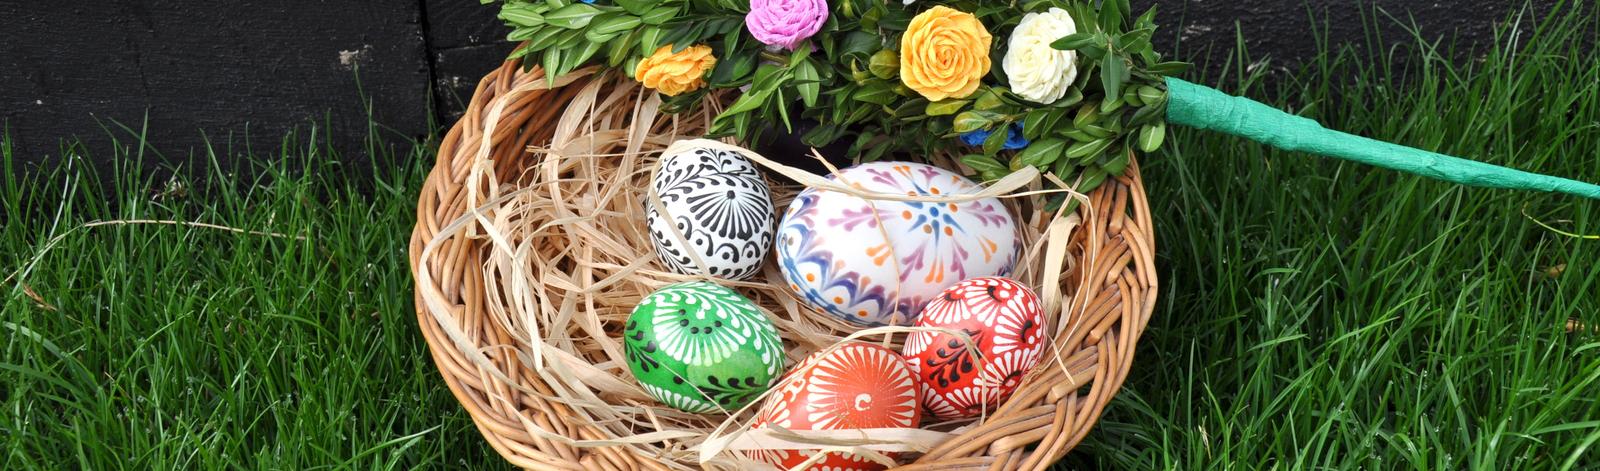 W koszyku leży pięć dekorowanych woskiem pisanek. Na obrzeżach koszyka leży palma wielkanocna.